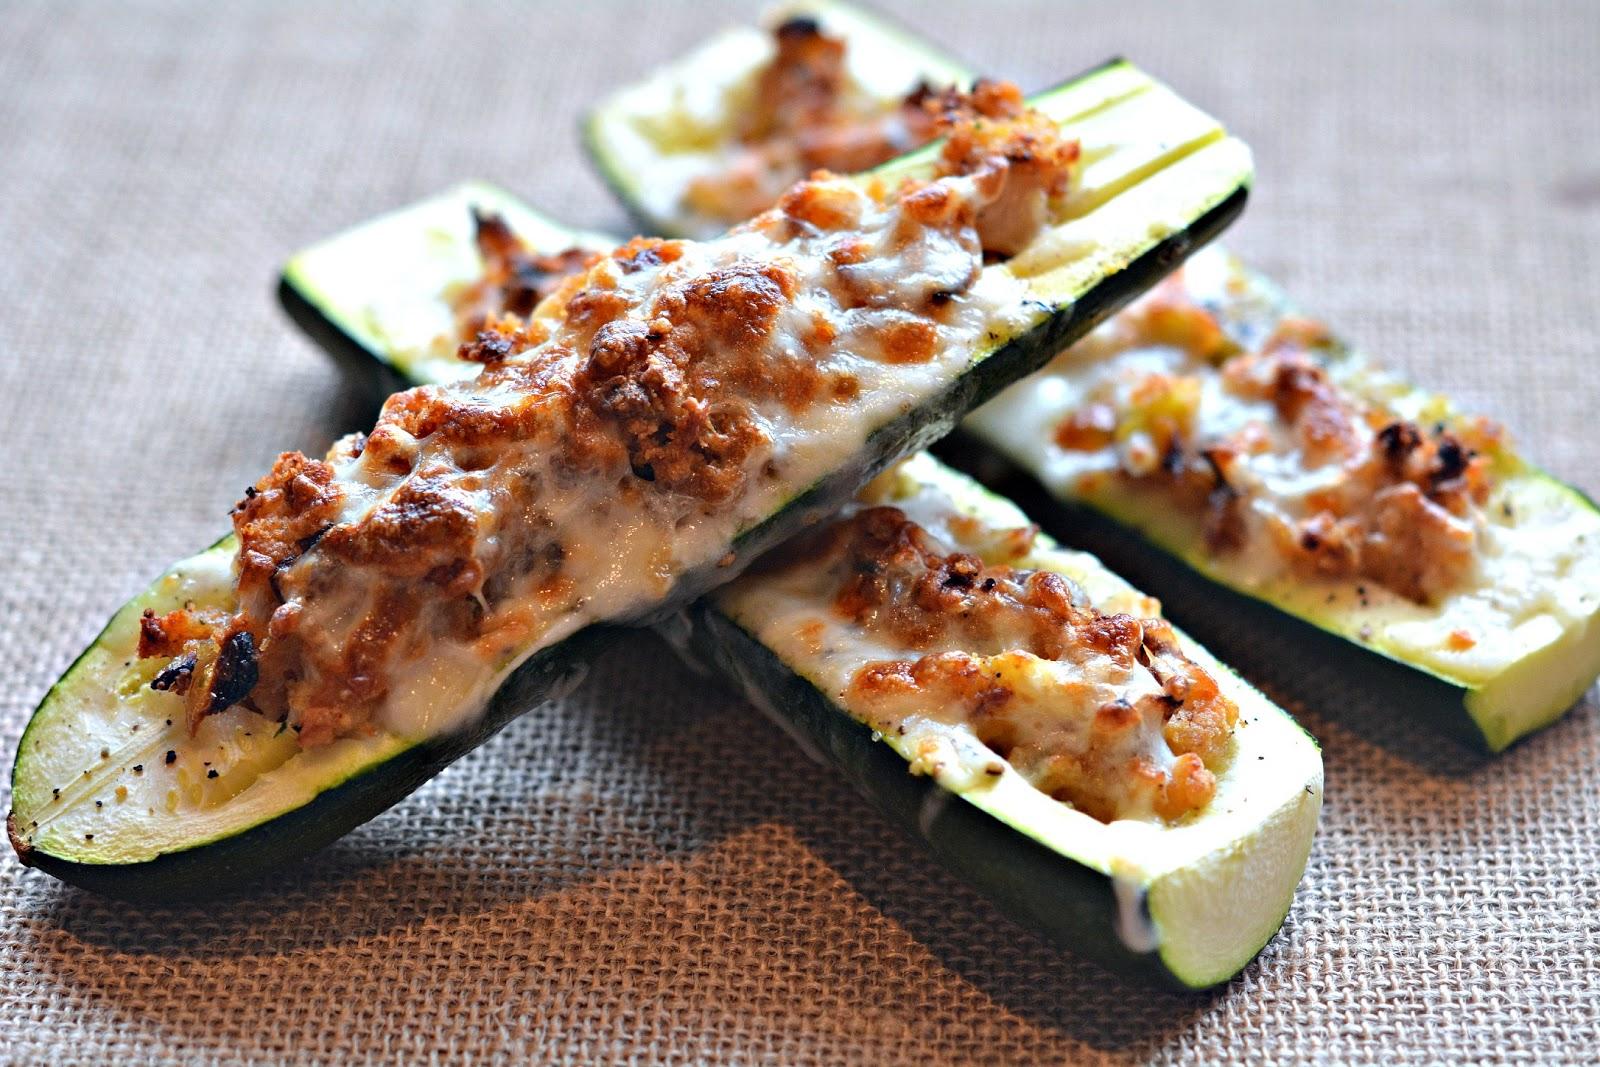 stuffed zucchini sausage stuffed zucchini taco stuffed zucchini boats ...